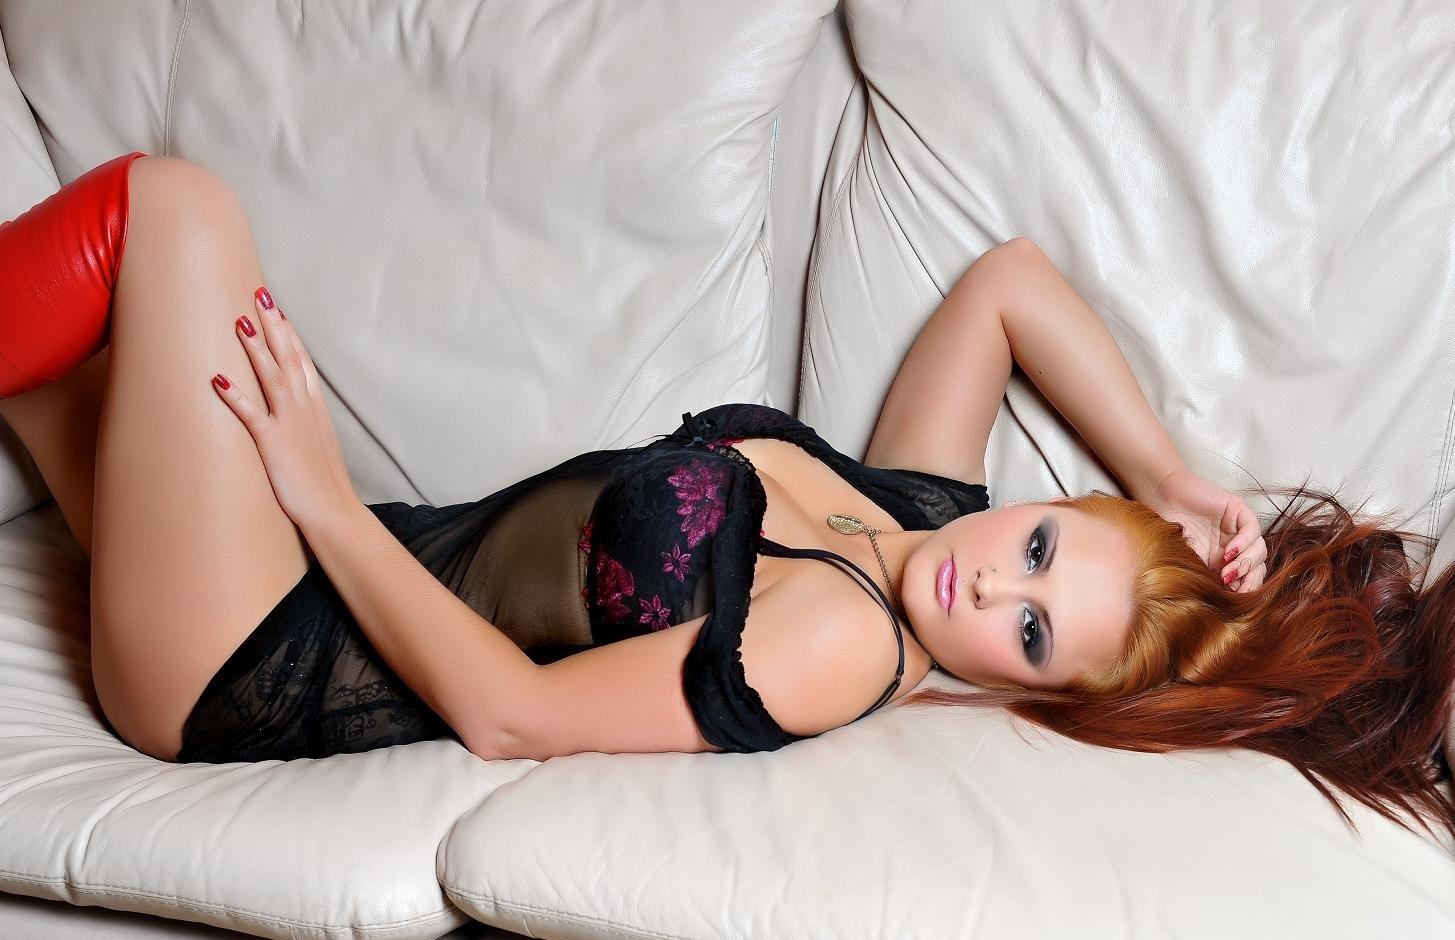 Снять проституток с днепропетровска форум проституток тюмень